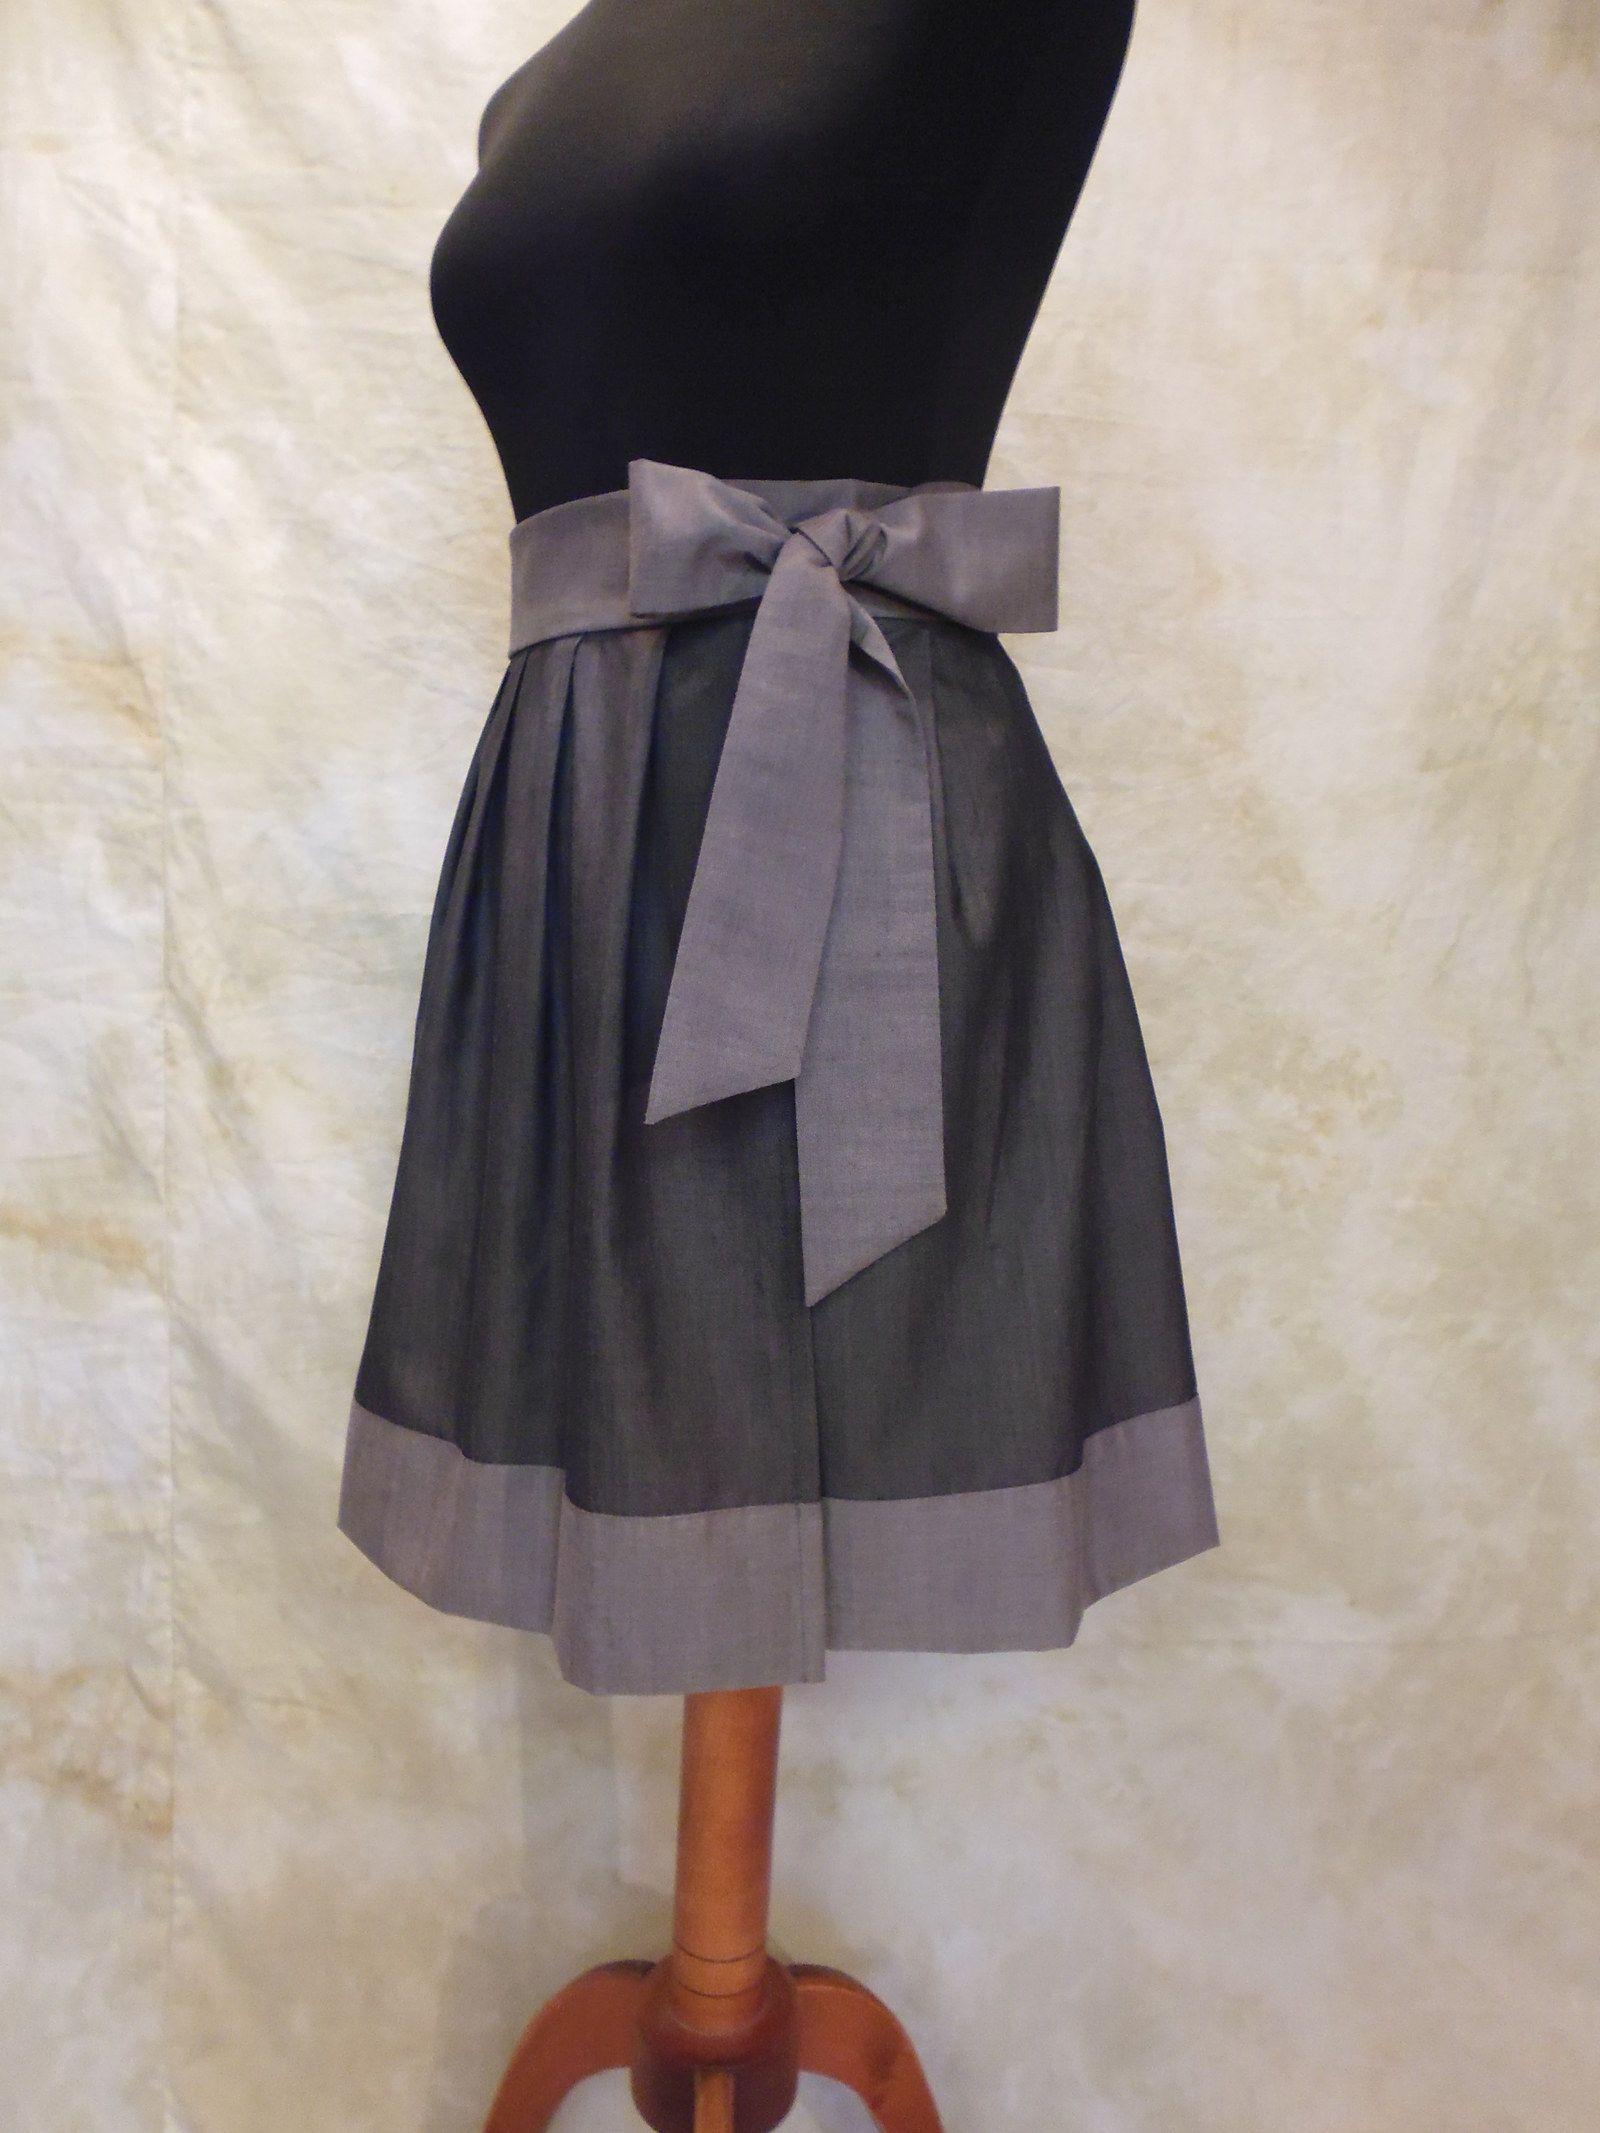 71a20c7a5f5 VLNĚNÁ SUKNĚ TROCHU JINAK Vlněná zavinovací sukně z velmi kvalitního  italského šedého materiálu. Díky svému